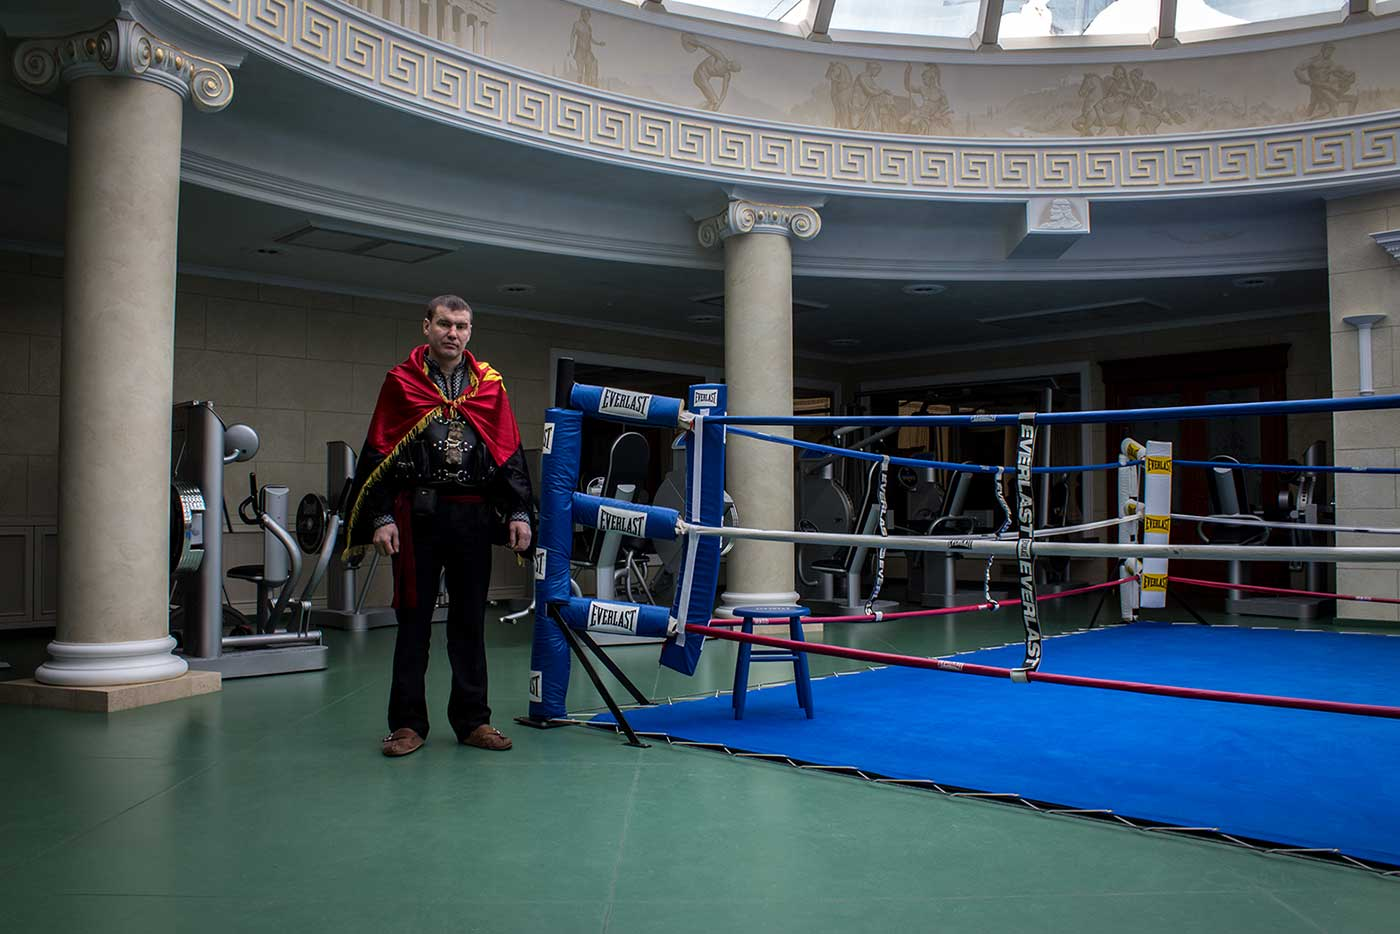 Yanukovych's boxing ring. Mezhyhirya, Ukraine.